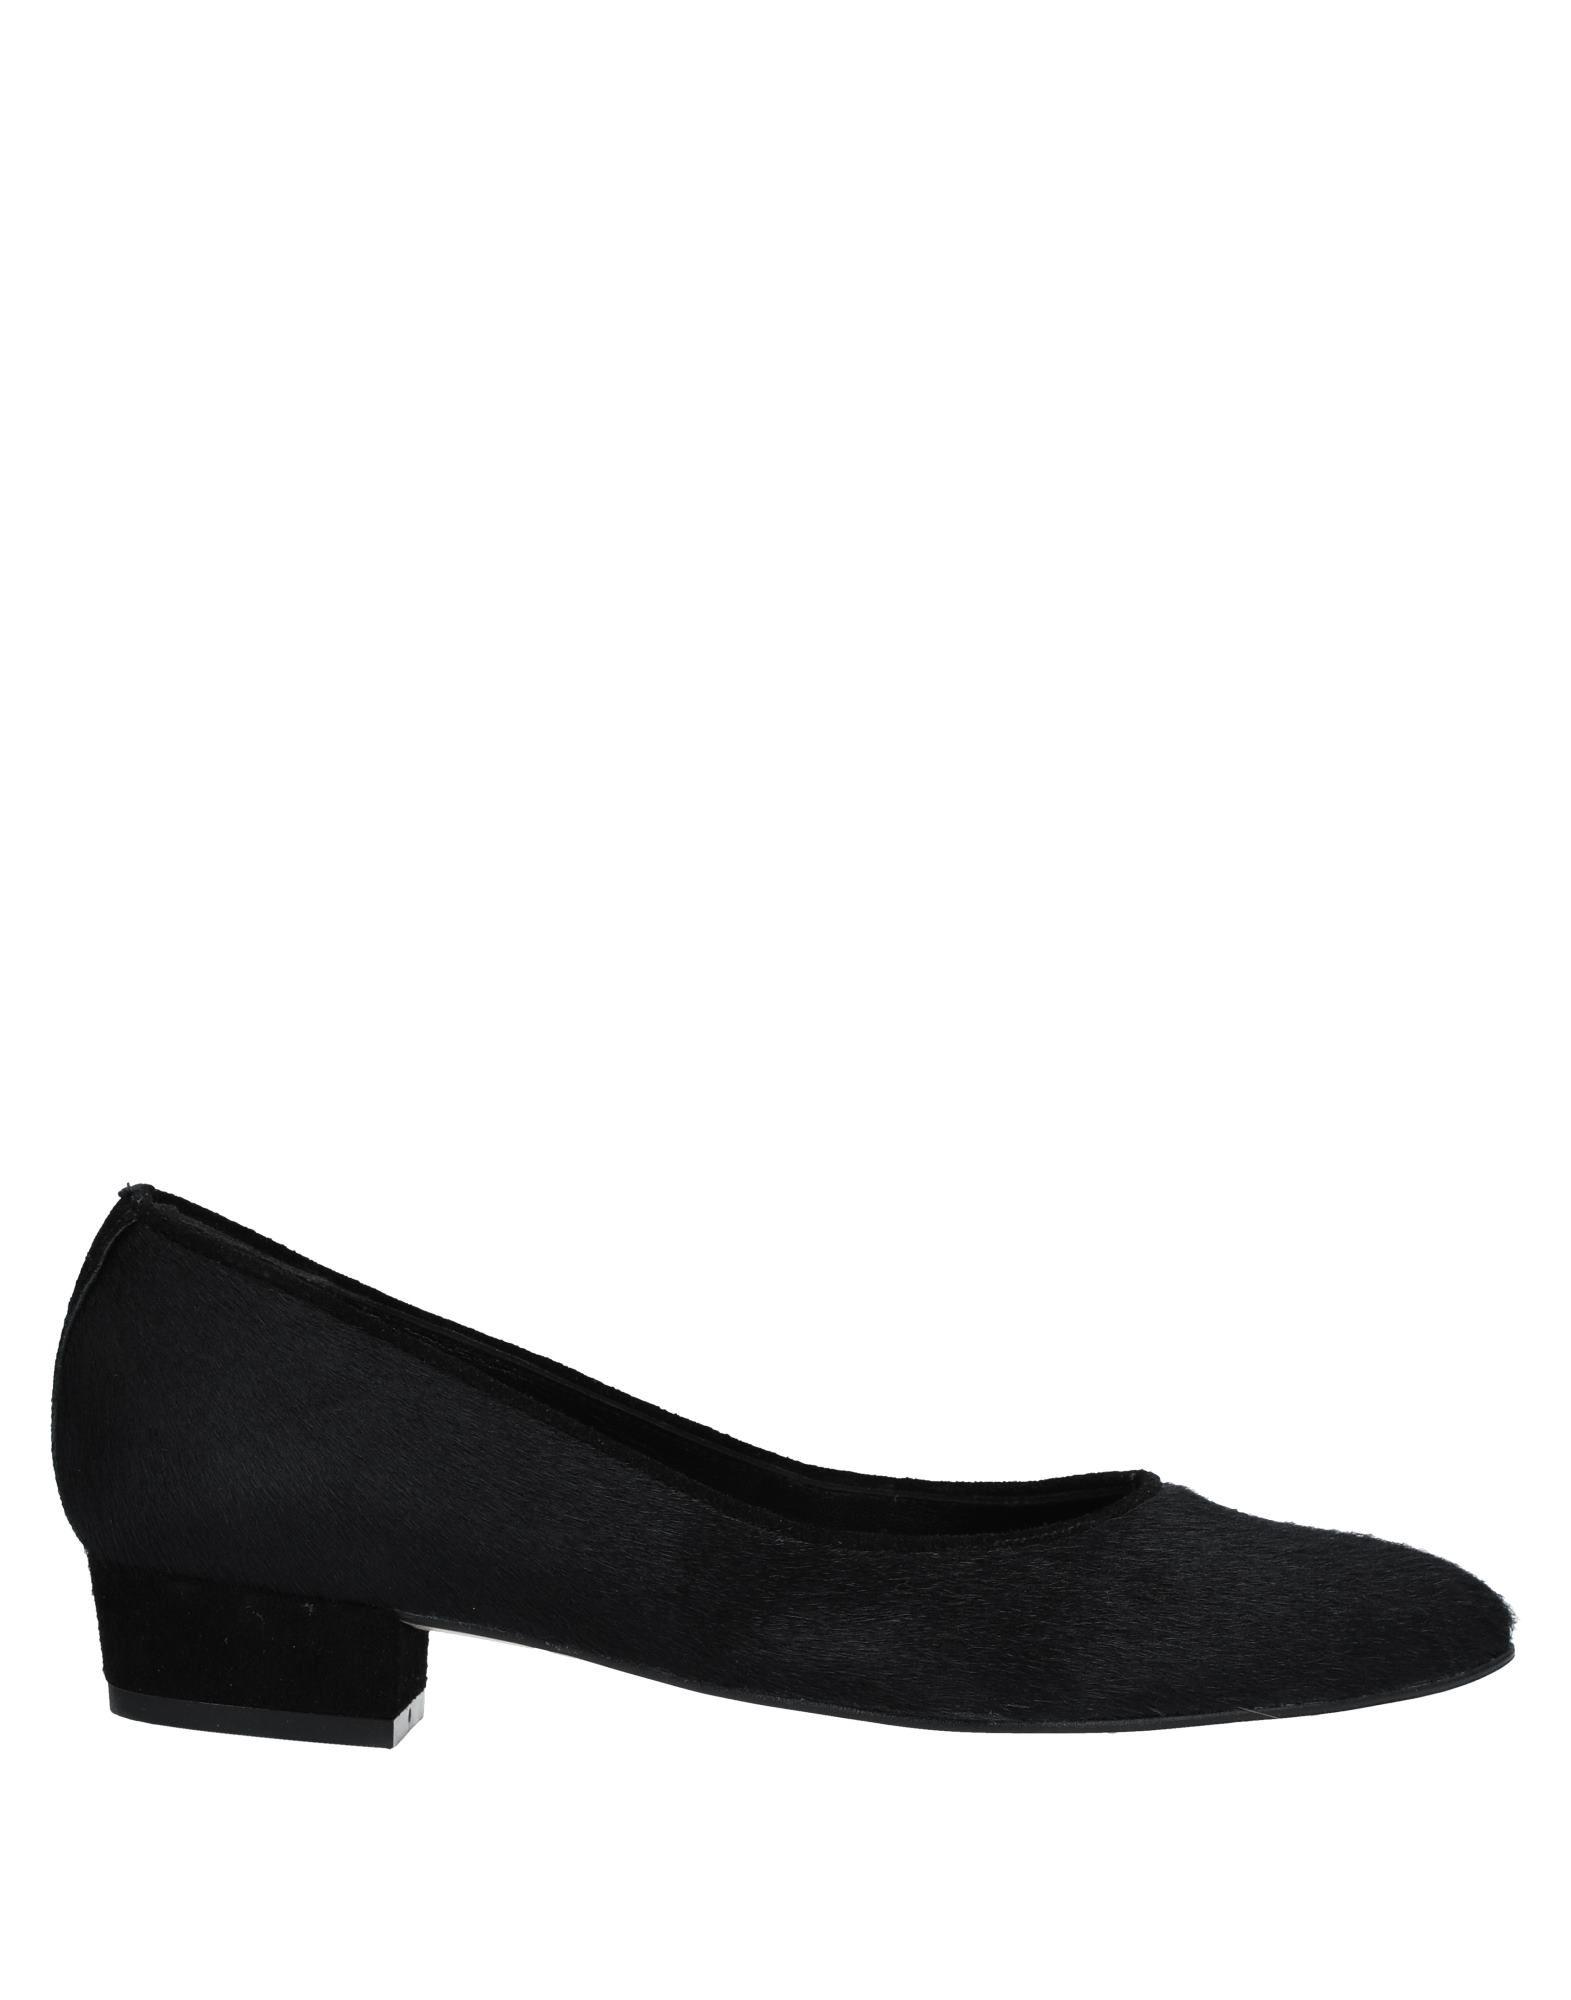 C.Waldorf Pumps Damen  11534148KS Gute Qualität beliebte Schuhe